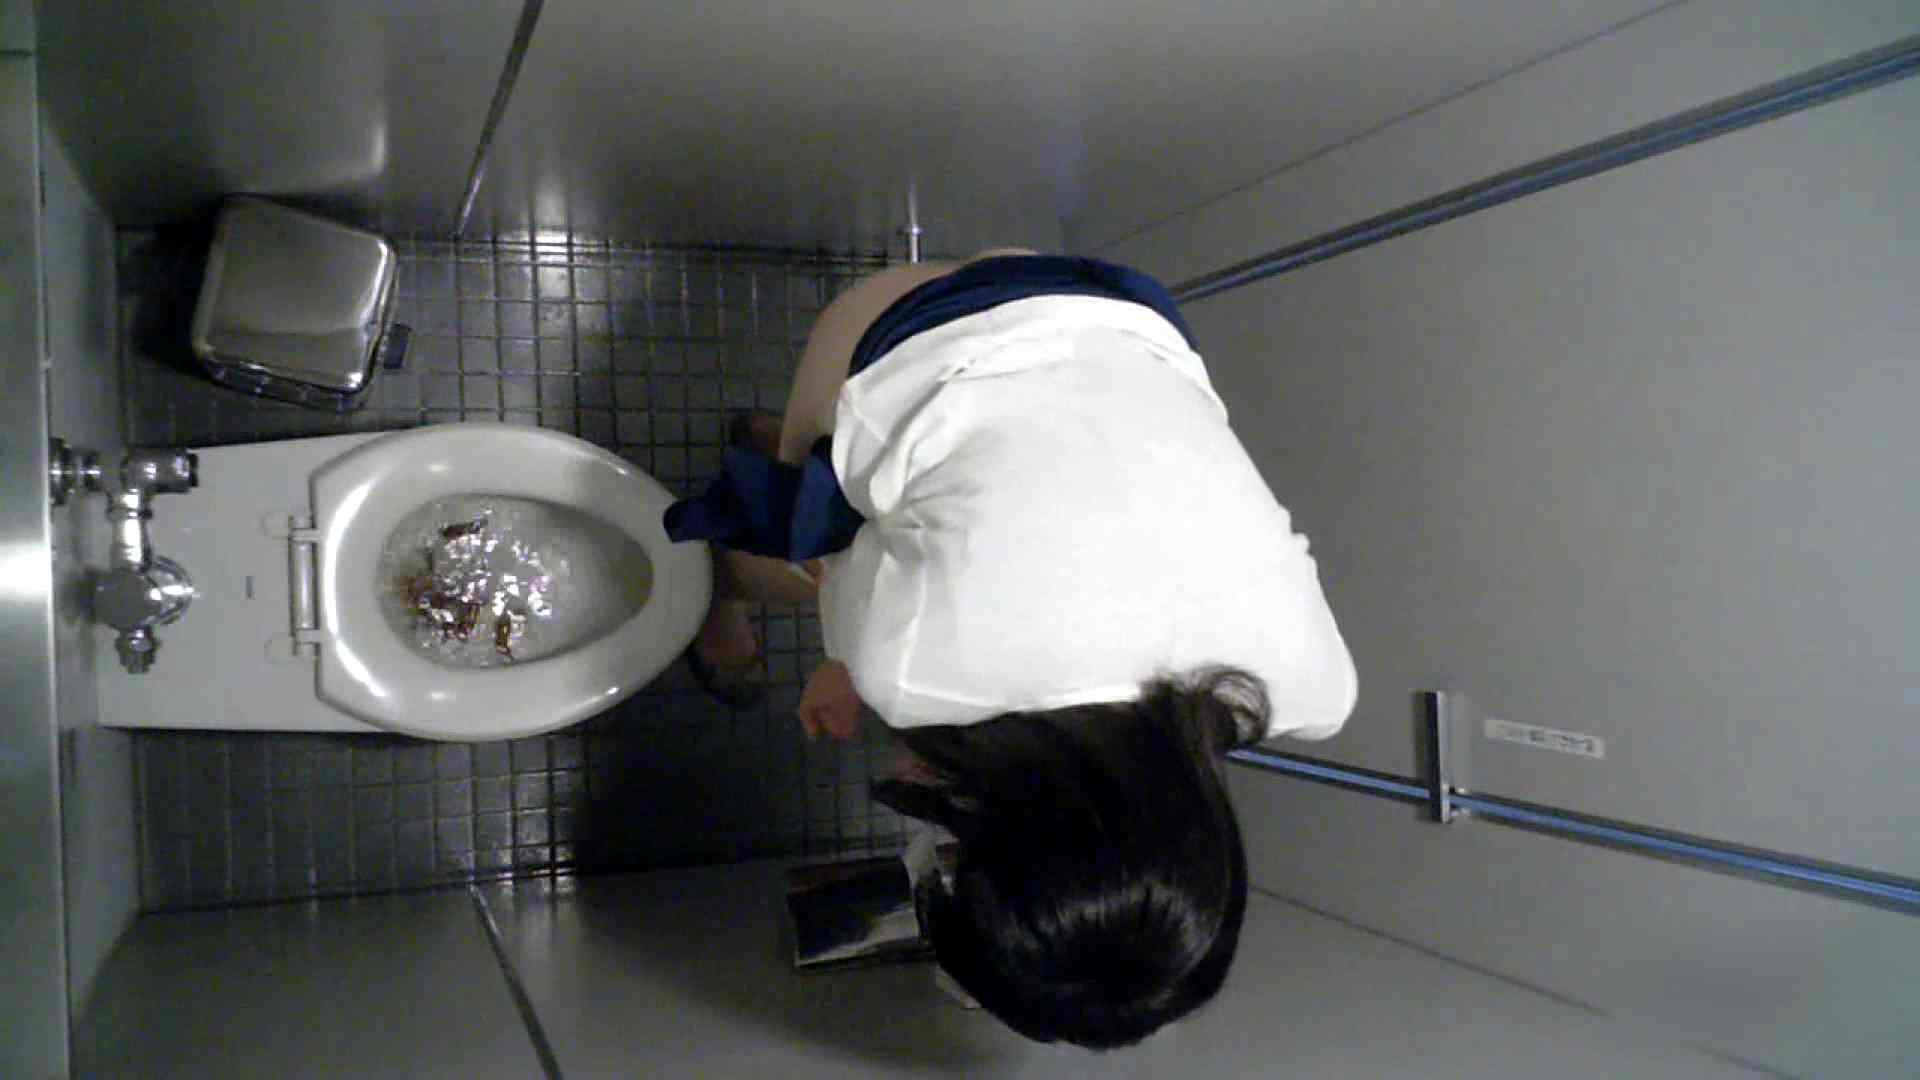 有名大学女性洗面所 vol.36 すっごい「ほじって」ます。 OLのエロ生活  58連発 10